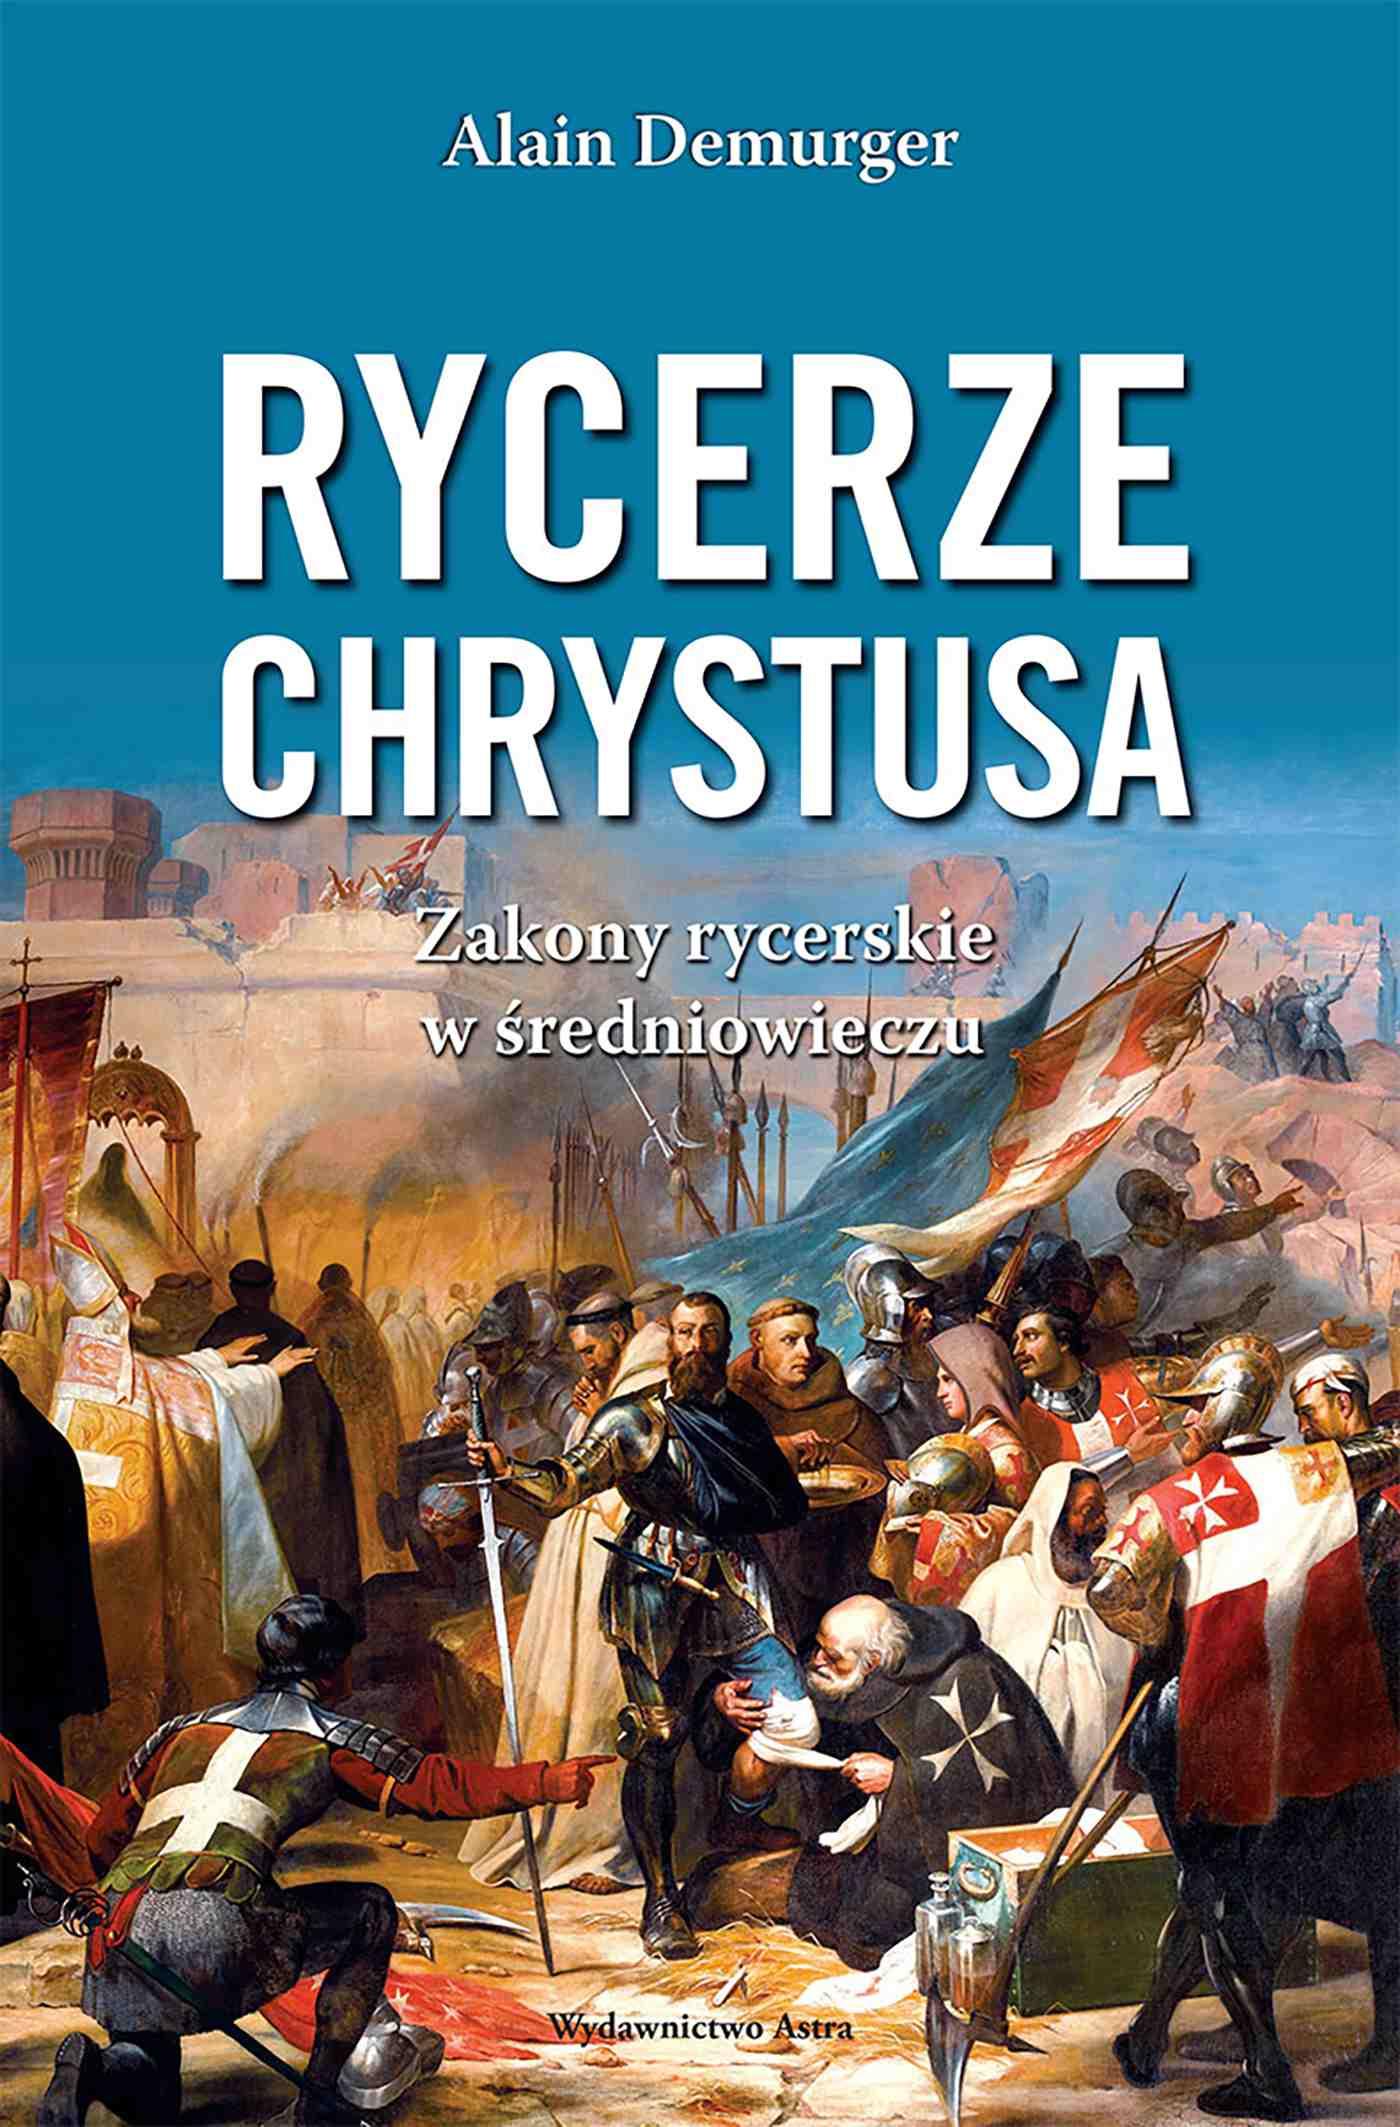 Rycerze Chrystusa. Zakony rycerskie w średniowieczu - Ebook (Książka EPUB) do pobrania w formacie EPUB